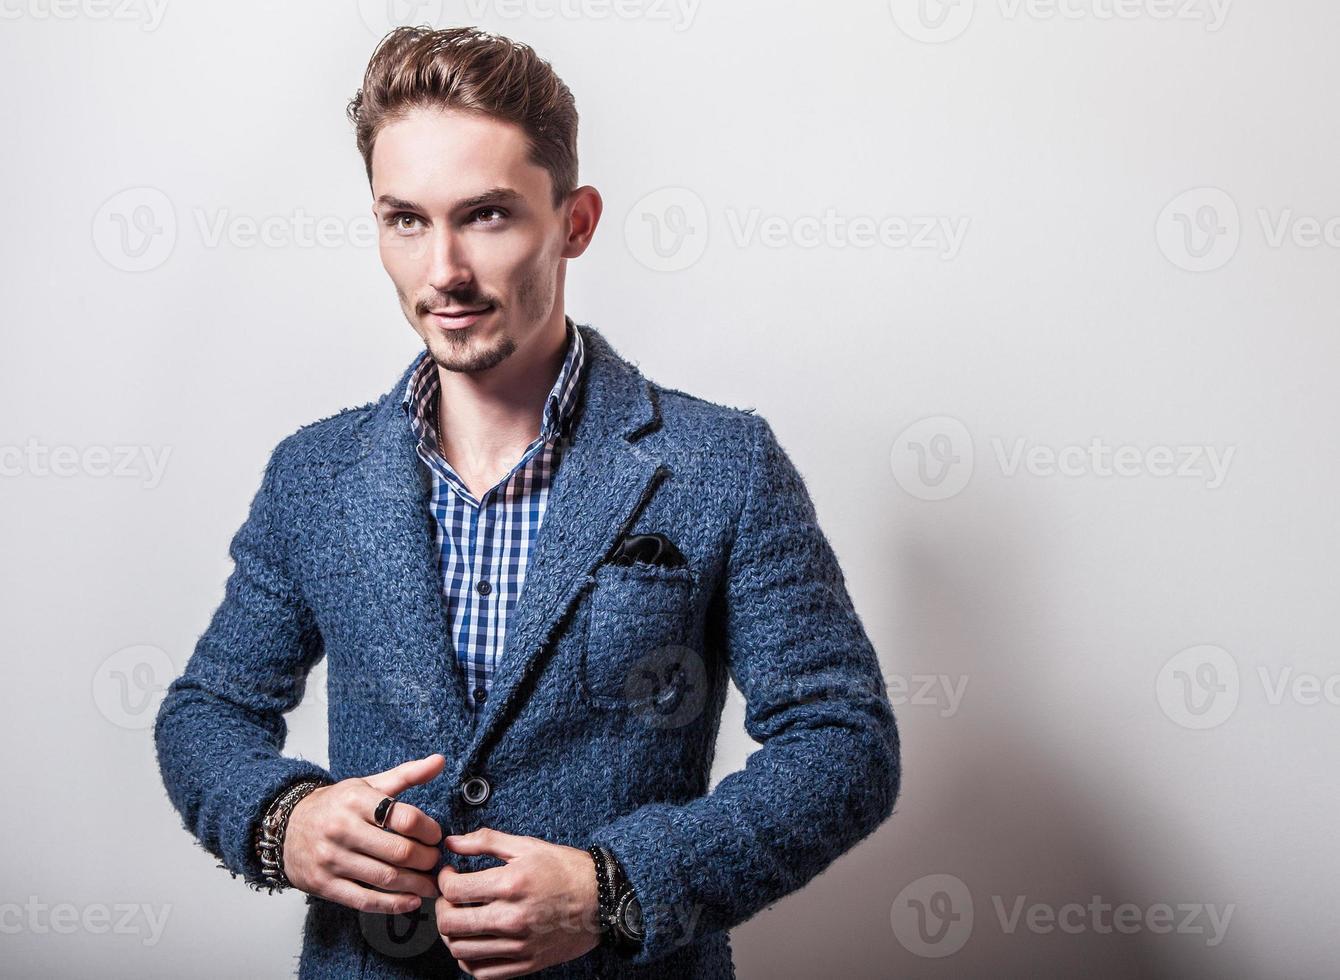 élégant jeune bel homme en veste bleue élégante. photo